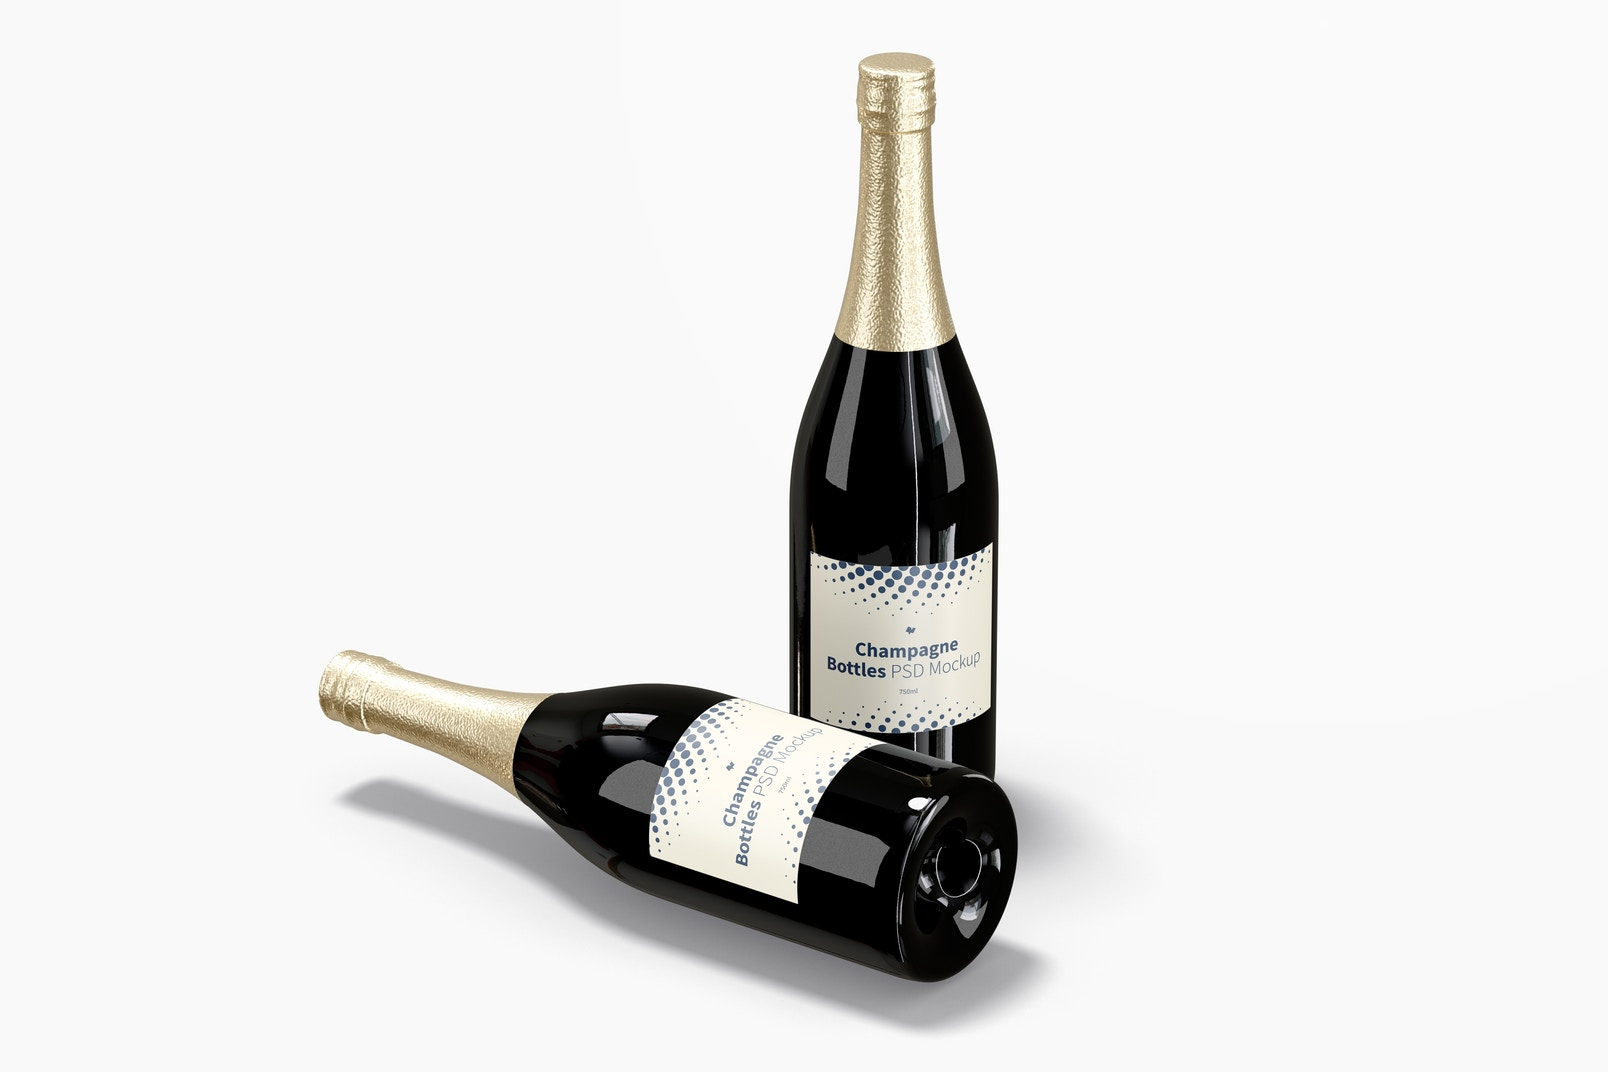 Champagne Bottles Mockup